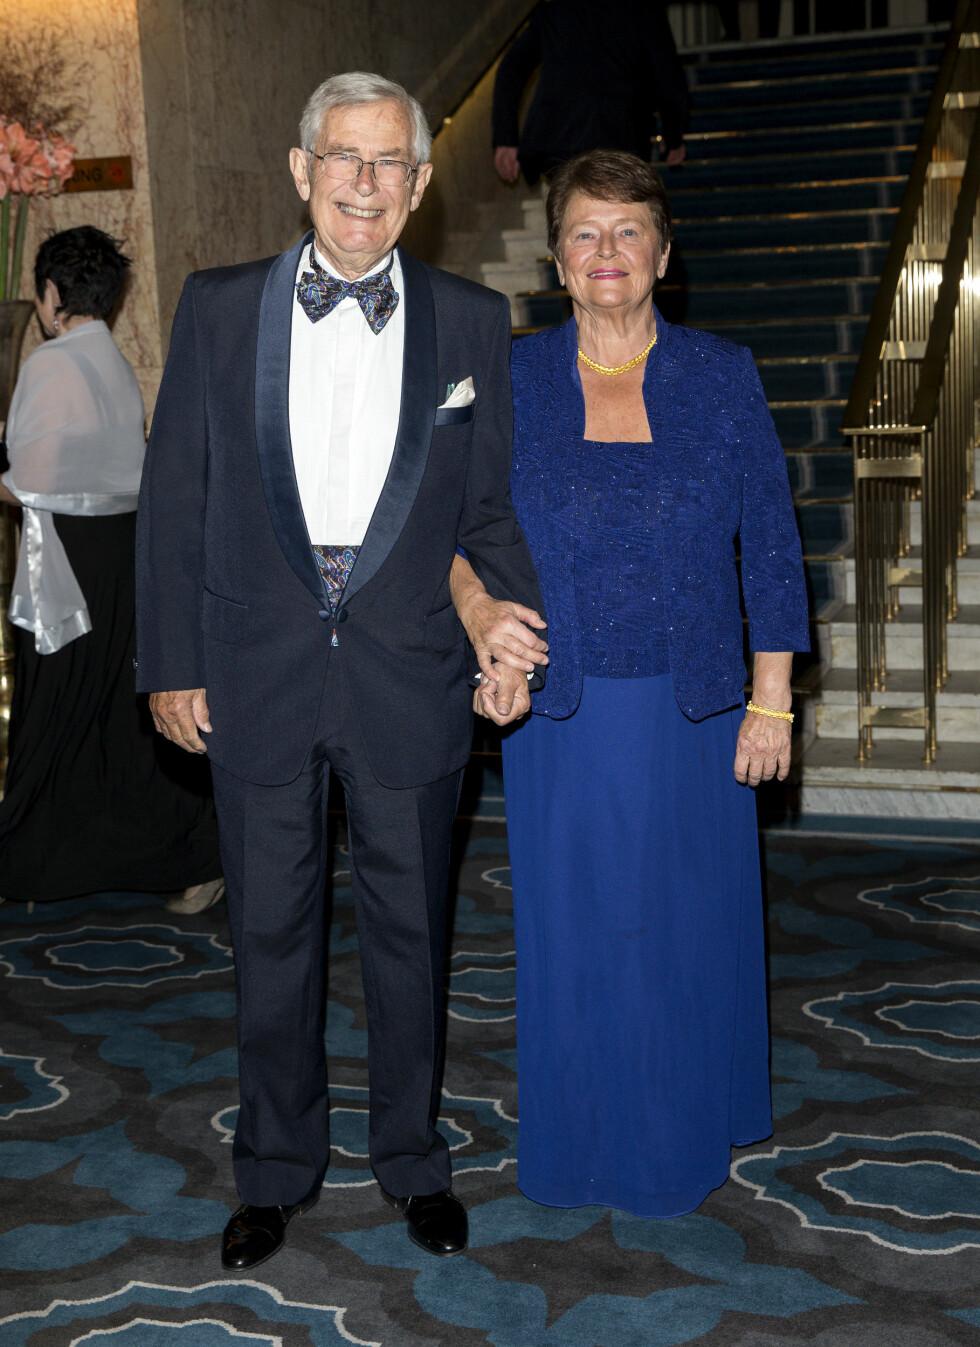 PÅ NOBELFEST: Tidligere statsminister Gro Harlem Brundtland og hennes ektemann Arne Olav. Foto: Andreas Fadum, Se og Hør